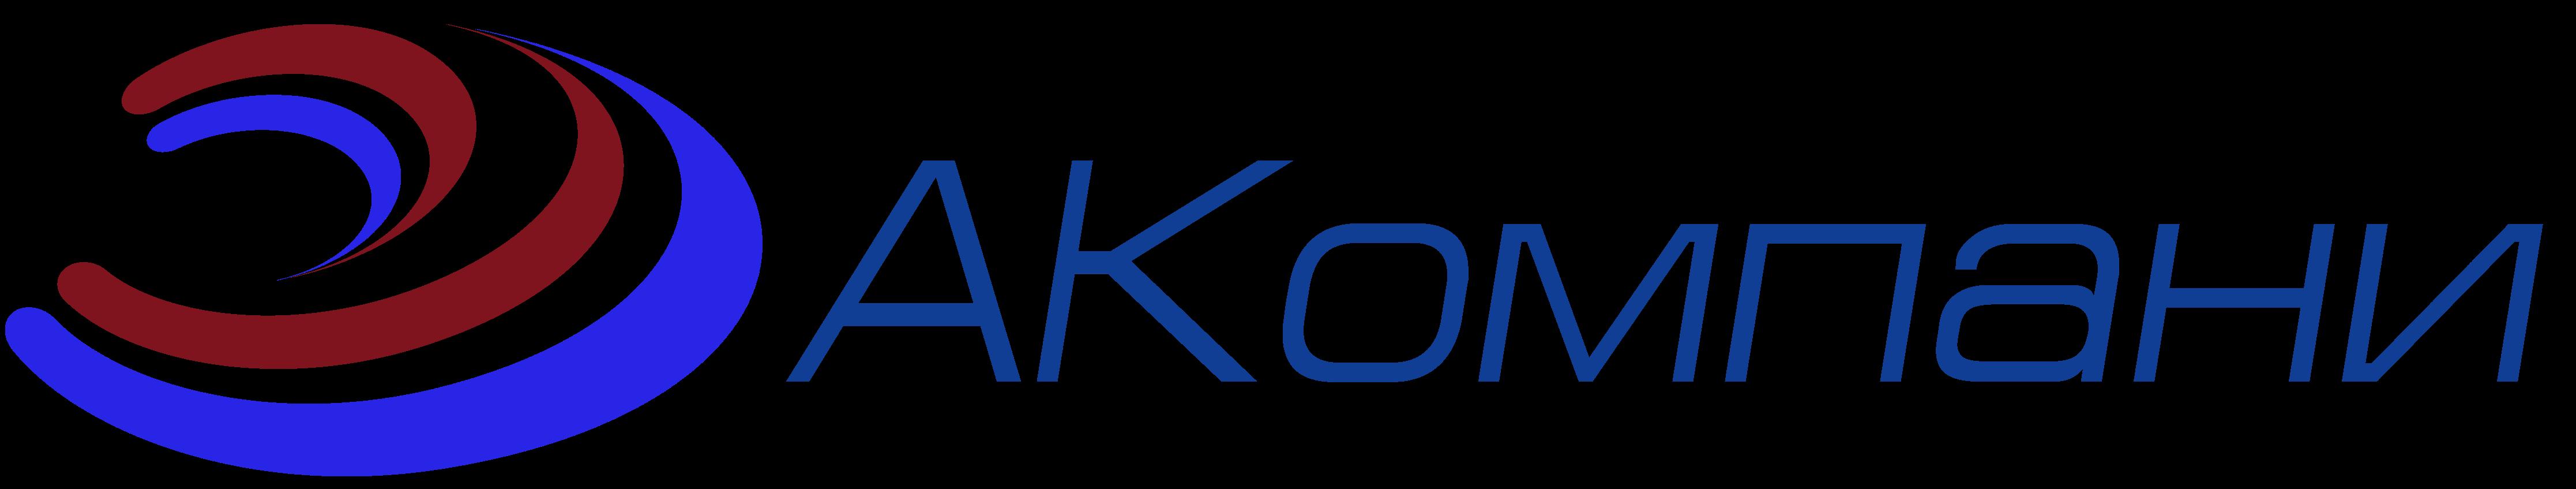 АКомпани - интернет-магазин авто-электро комплектующих и аксессуаров